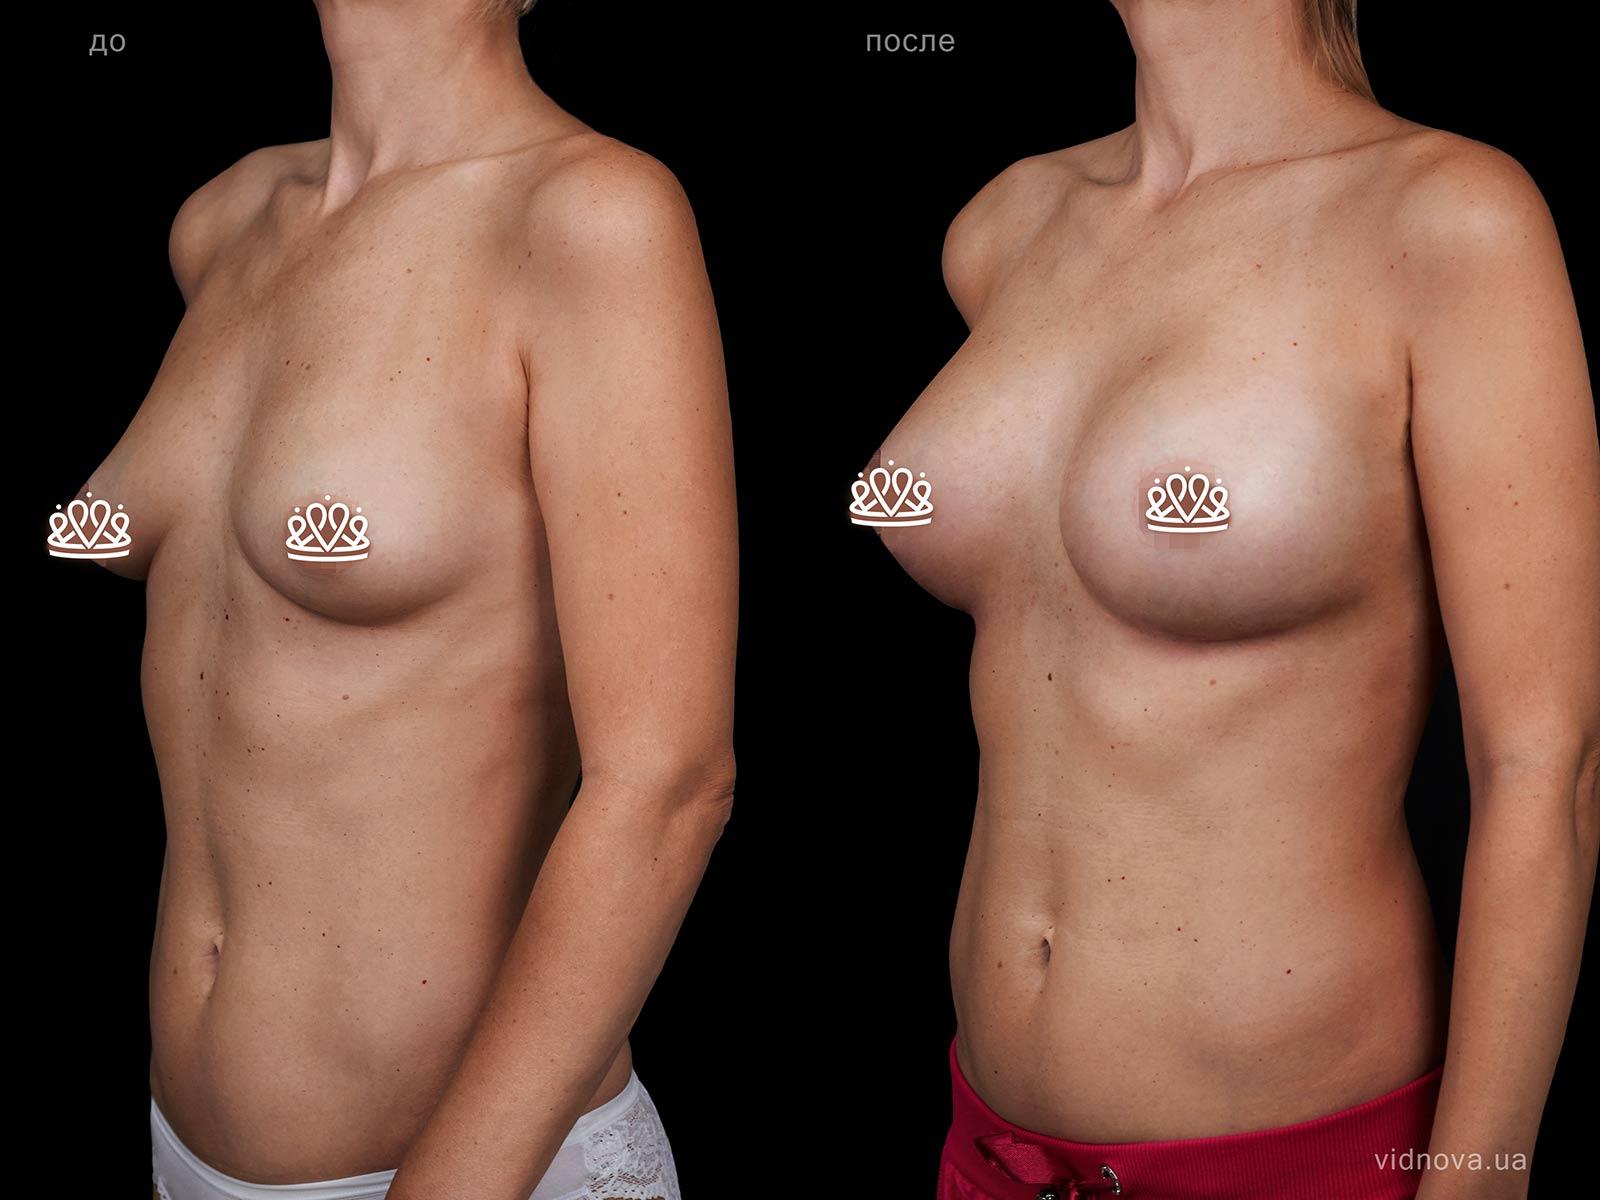 Пластика груди: результаты до и после - Пример №118-1 - Светлана Работенко